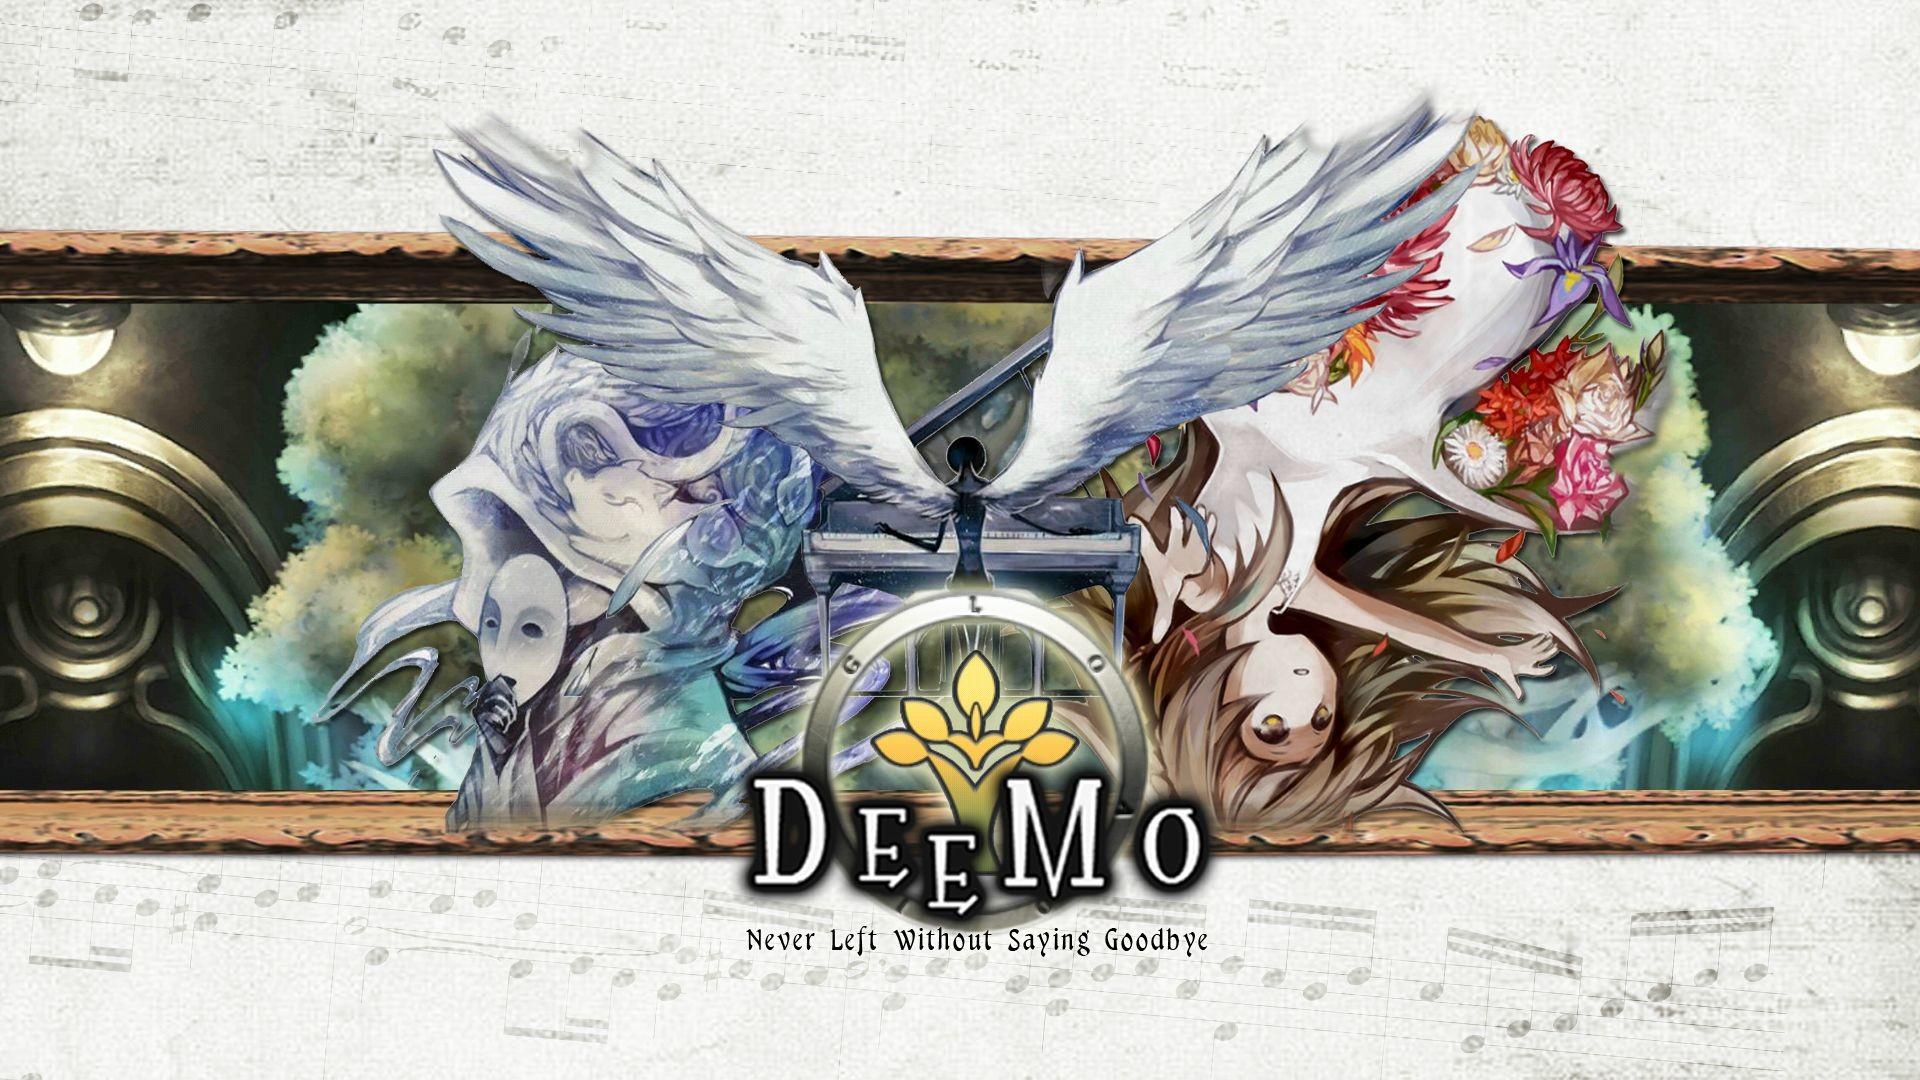 【其他】自製DEEMO桌布分享(6/1新增) @DEEMO